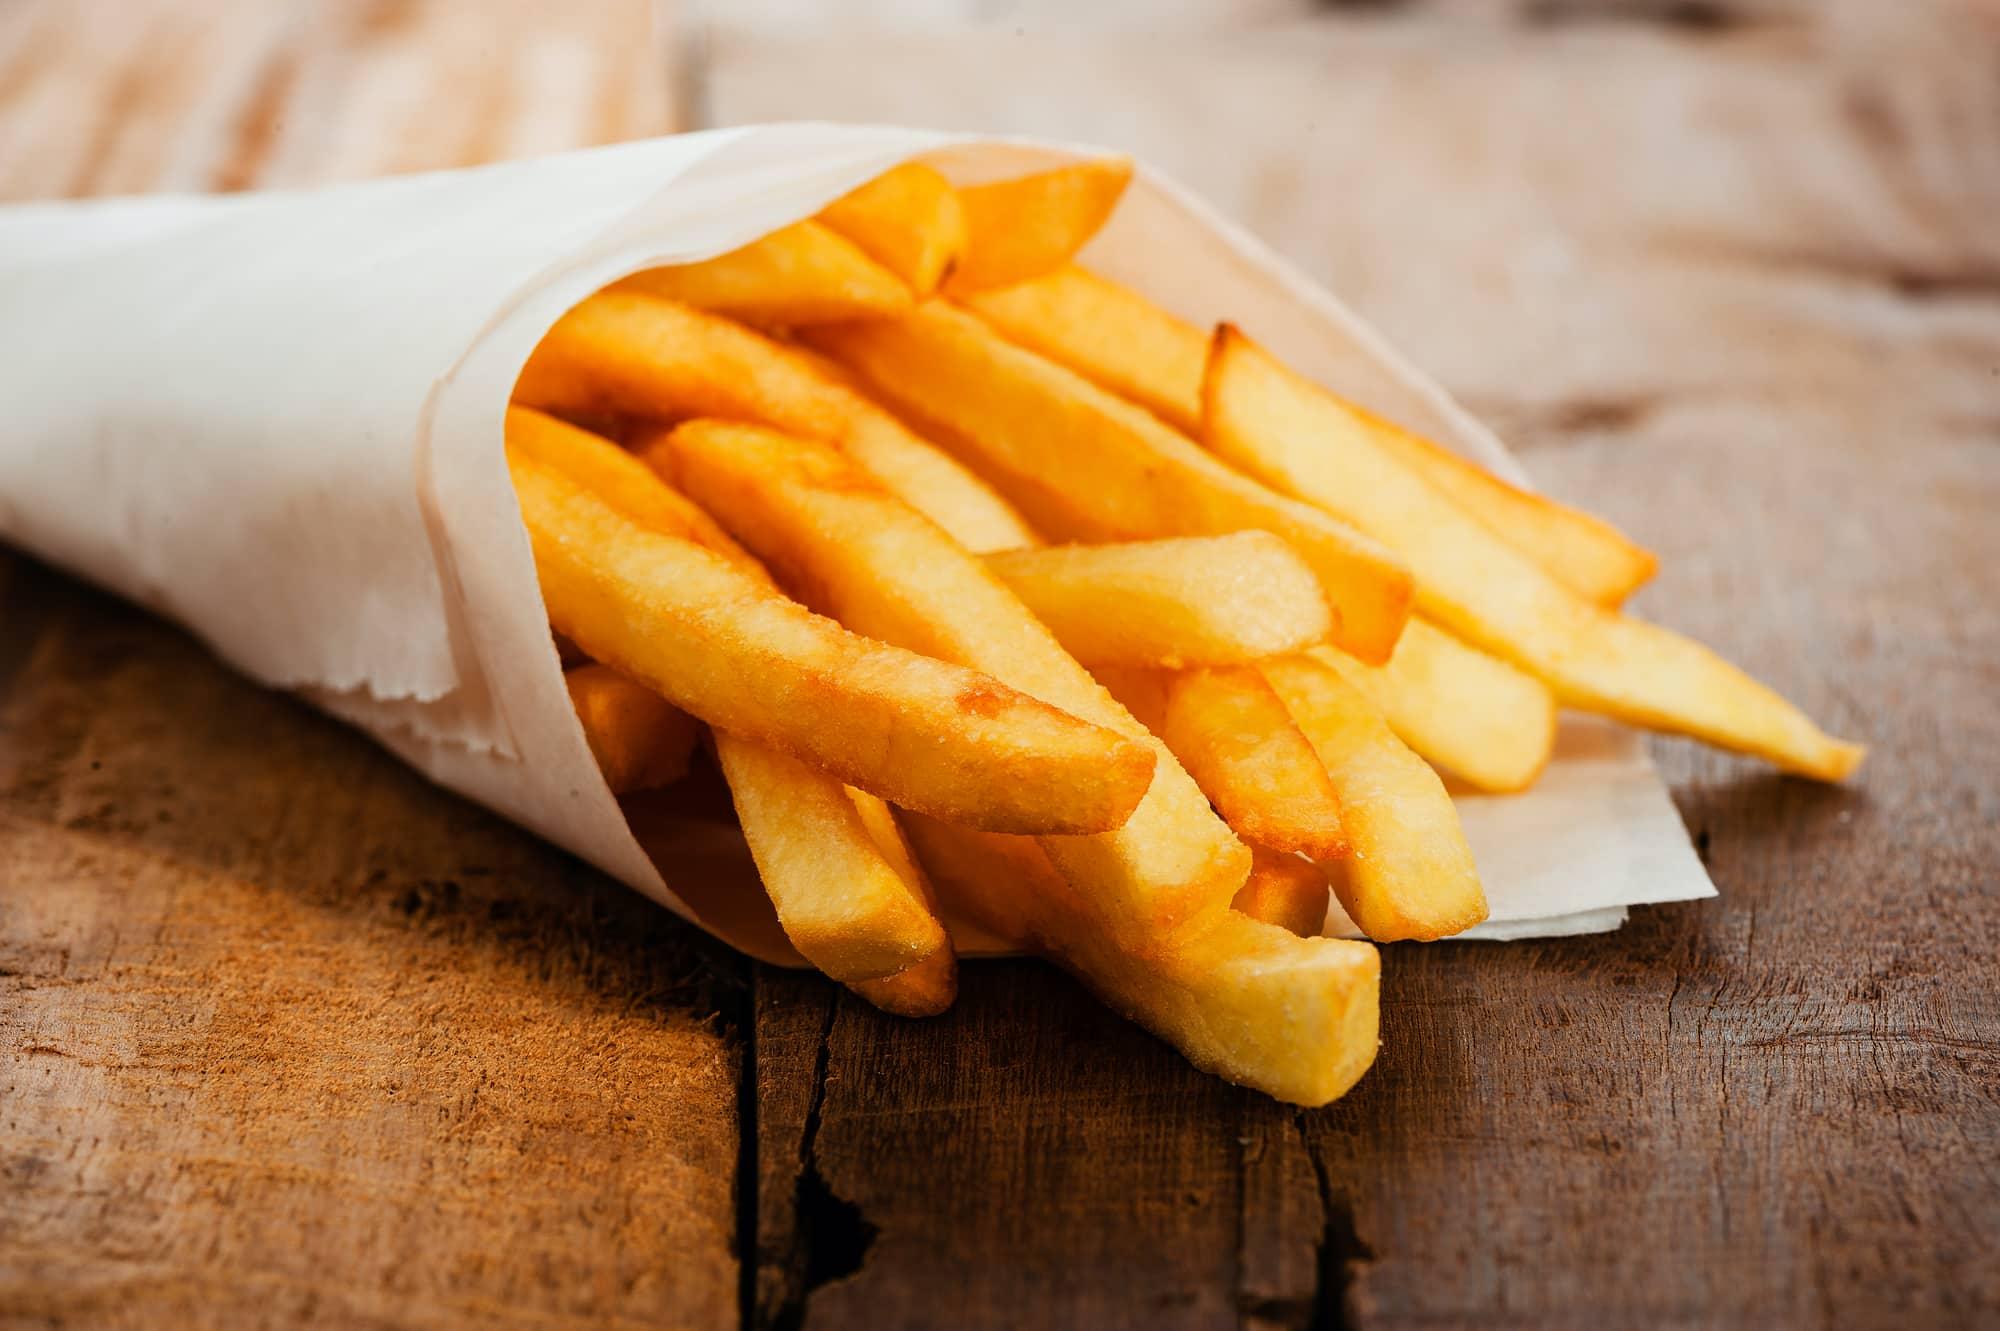 Seasonings for fries